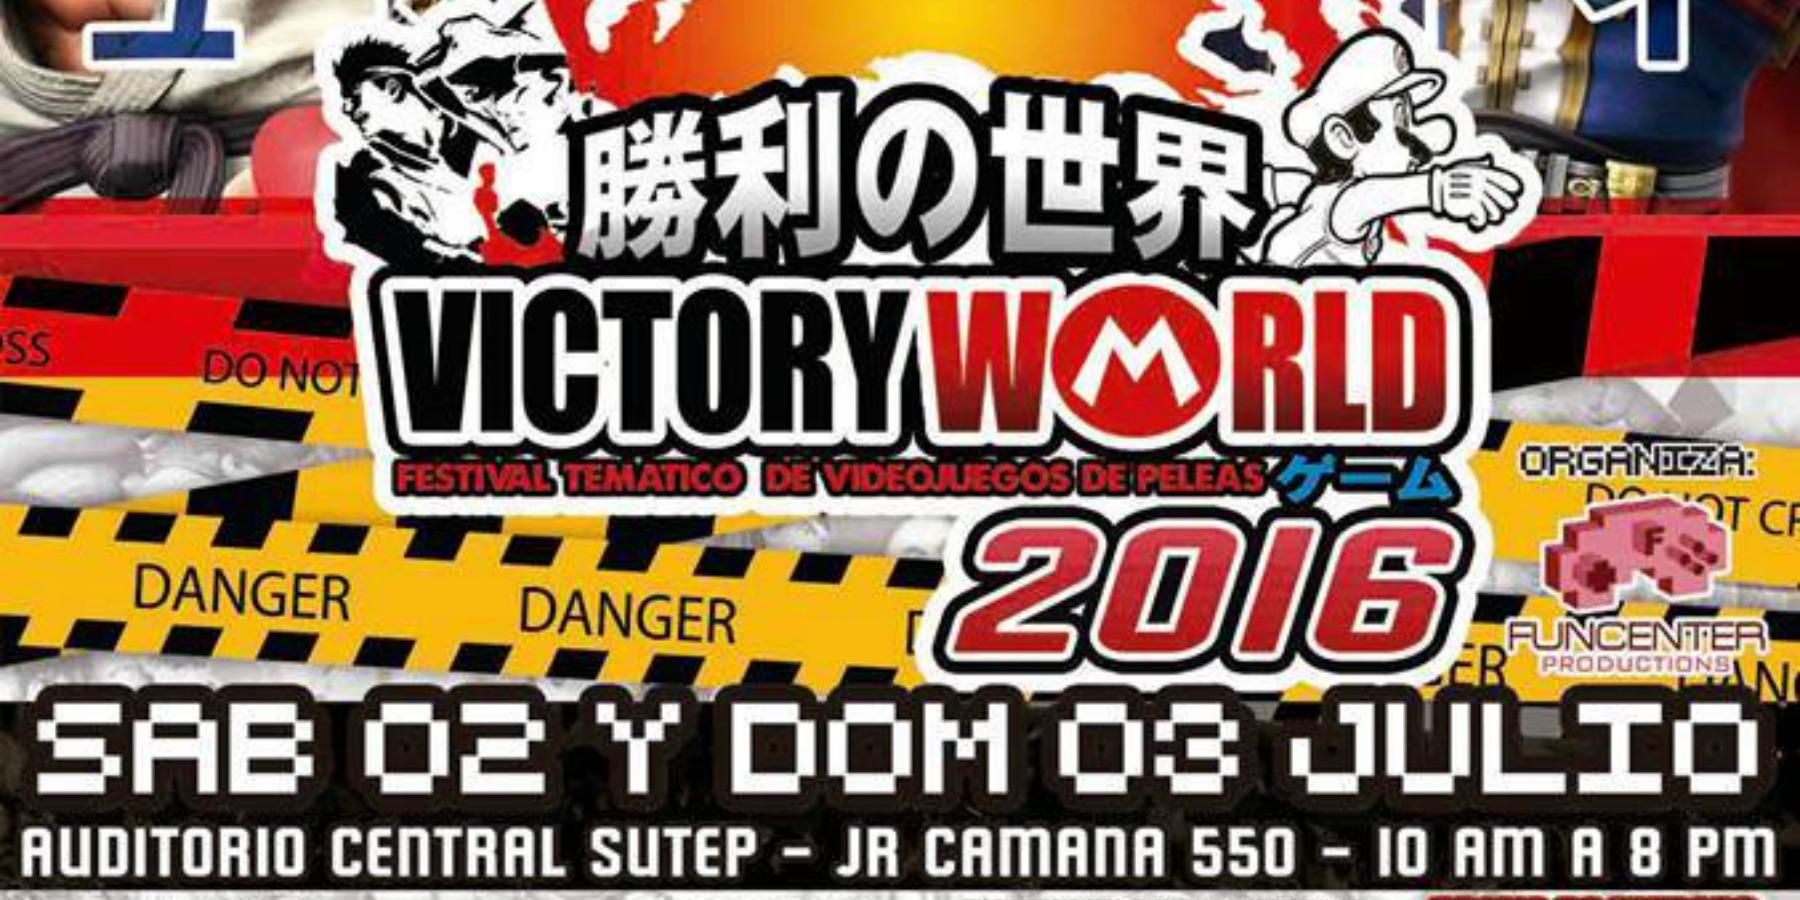 Victory World 2016   Festival de Juegos de Pelea